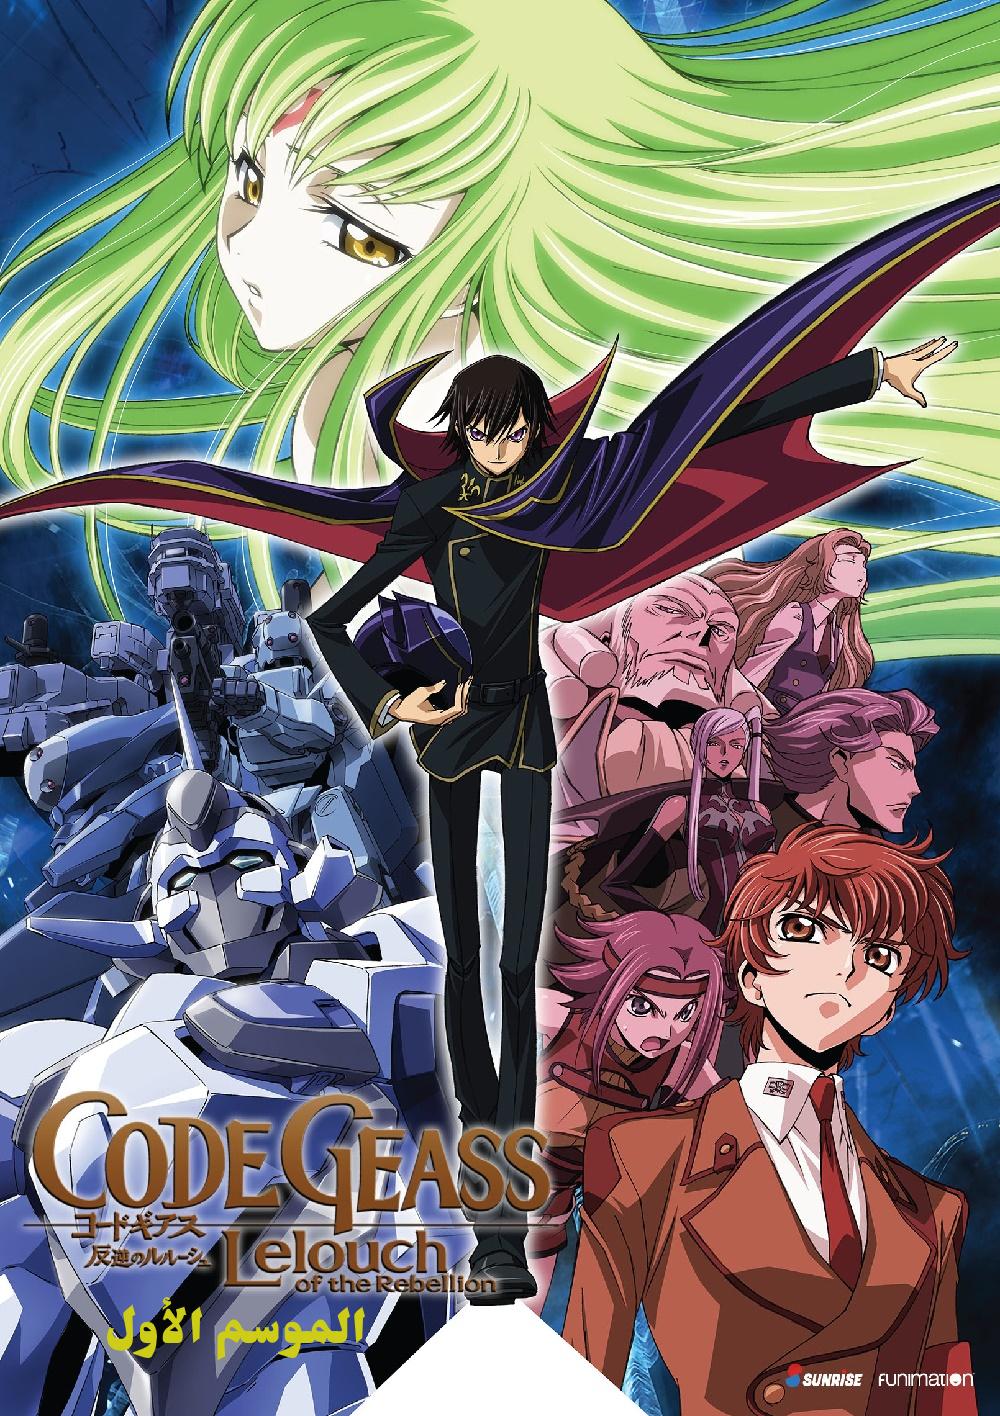 حلقات أنمي كود غياس الموسم الأول | Code Geass Season One